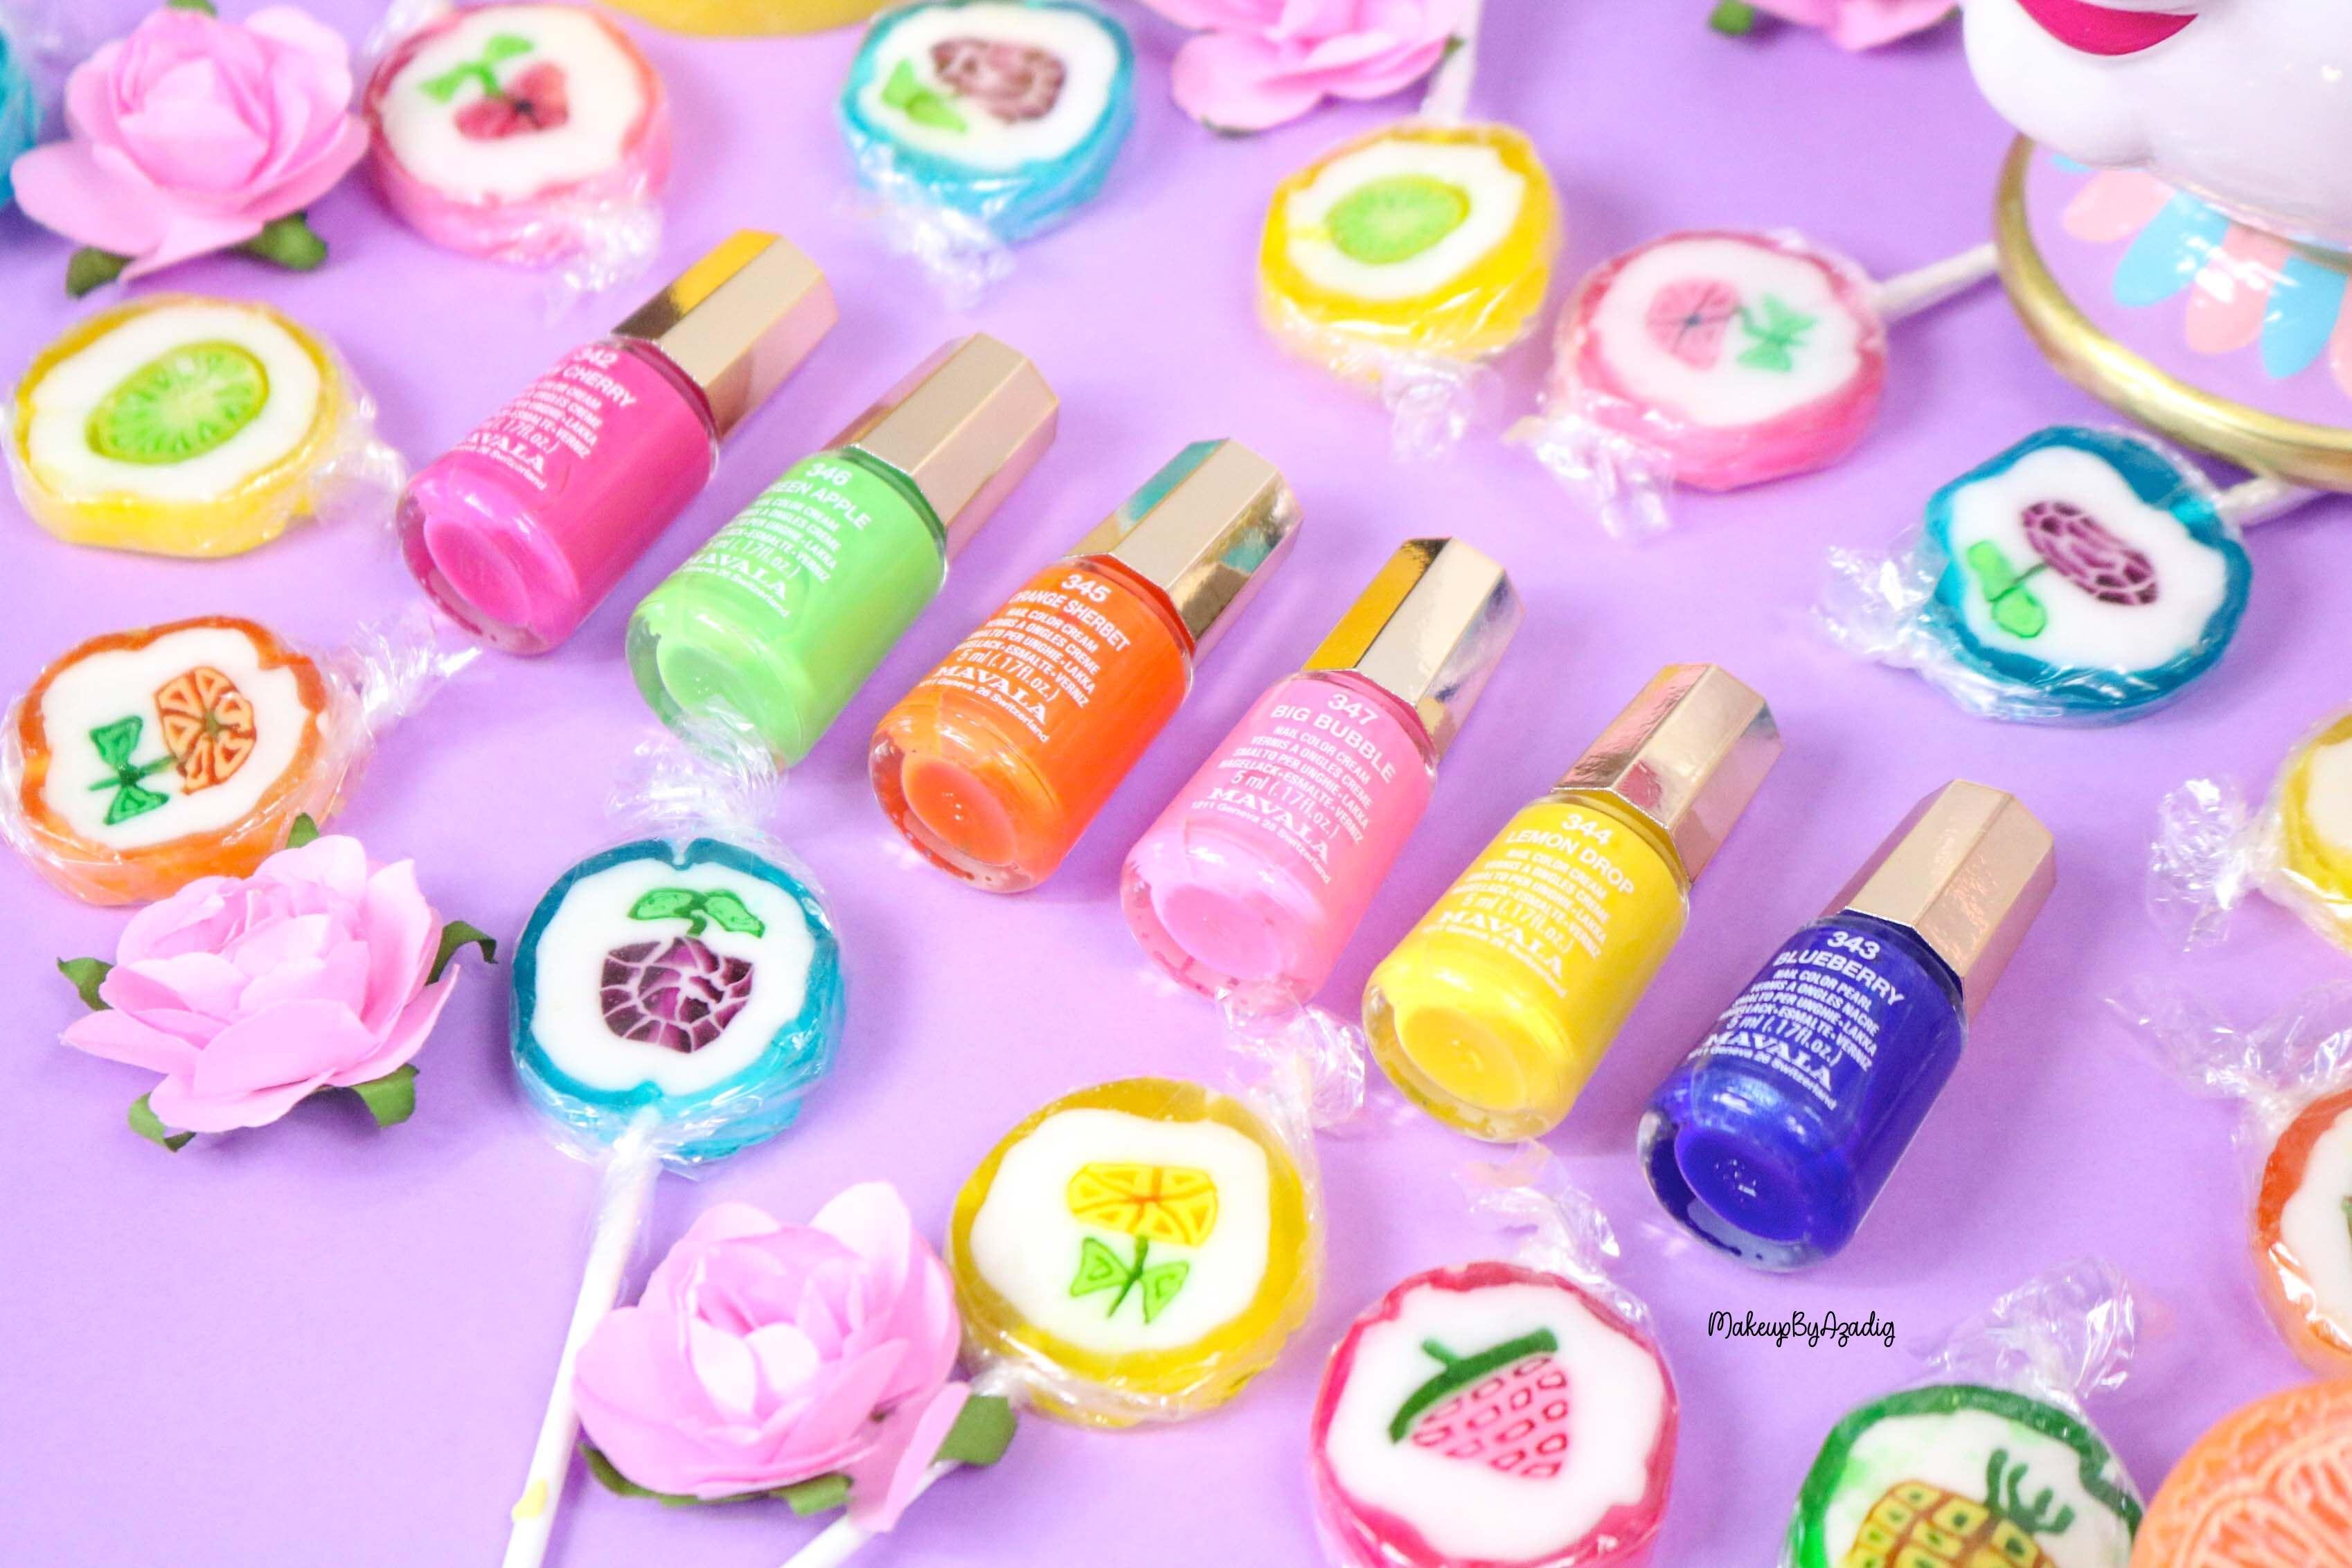 nouvelle-collection-vernis-tendance-printemps-ete-mavala-pas-cher-makeupbyazadig-avis-prix-monoprix-bubble-gum-candy